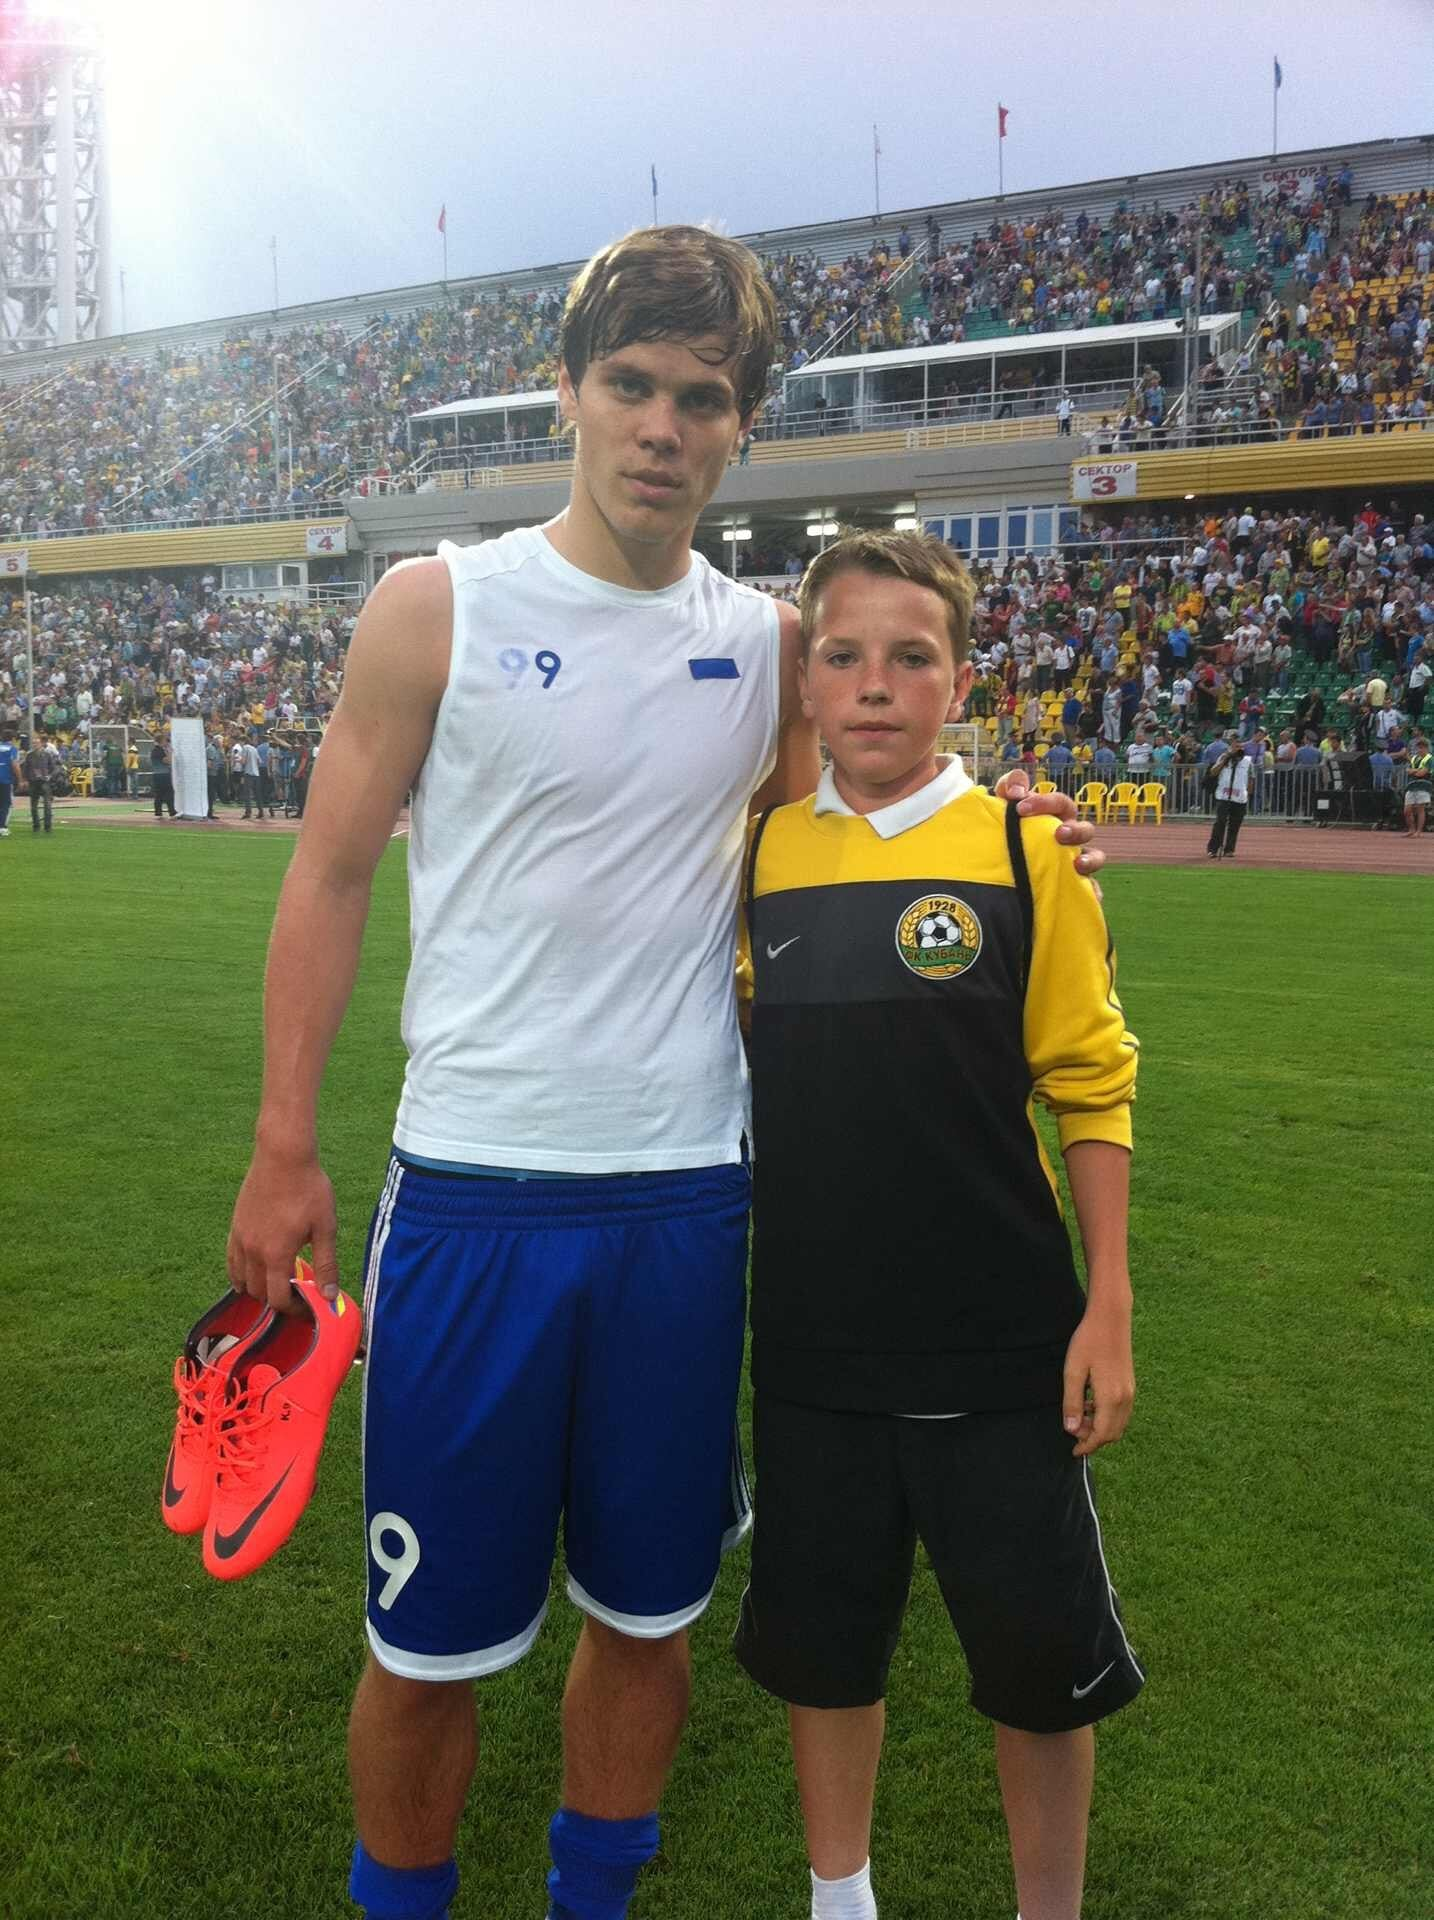 Нашего футболиста занесло в Никарагуа: живет в общаге с полицейскими, до этого играл в низах Испании и подрабатывал на стройке